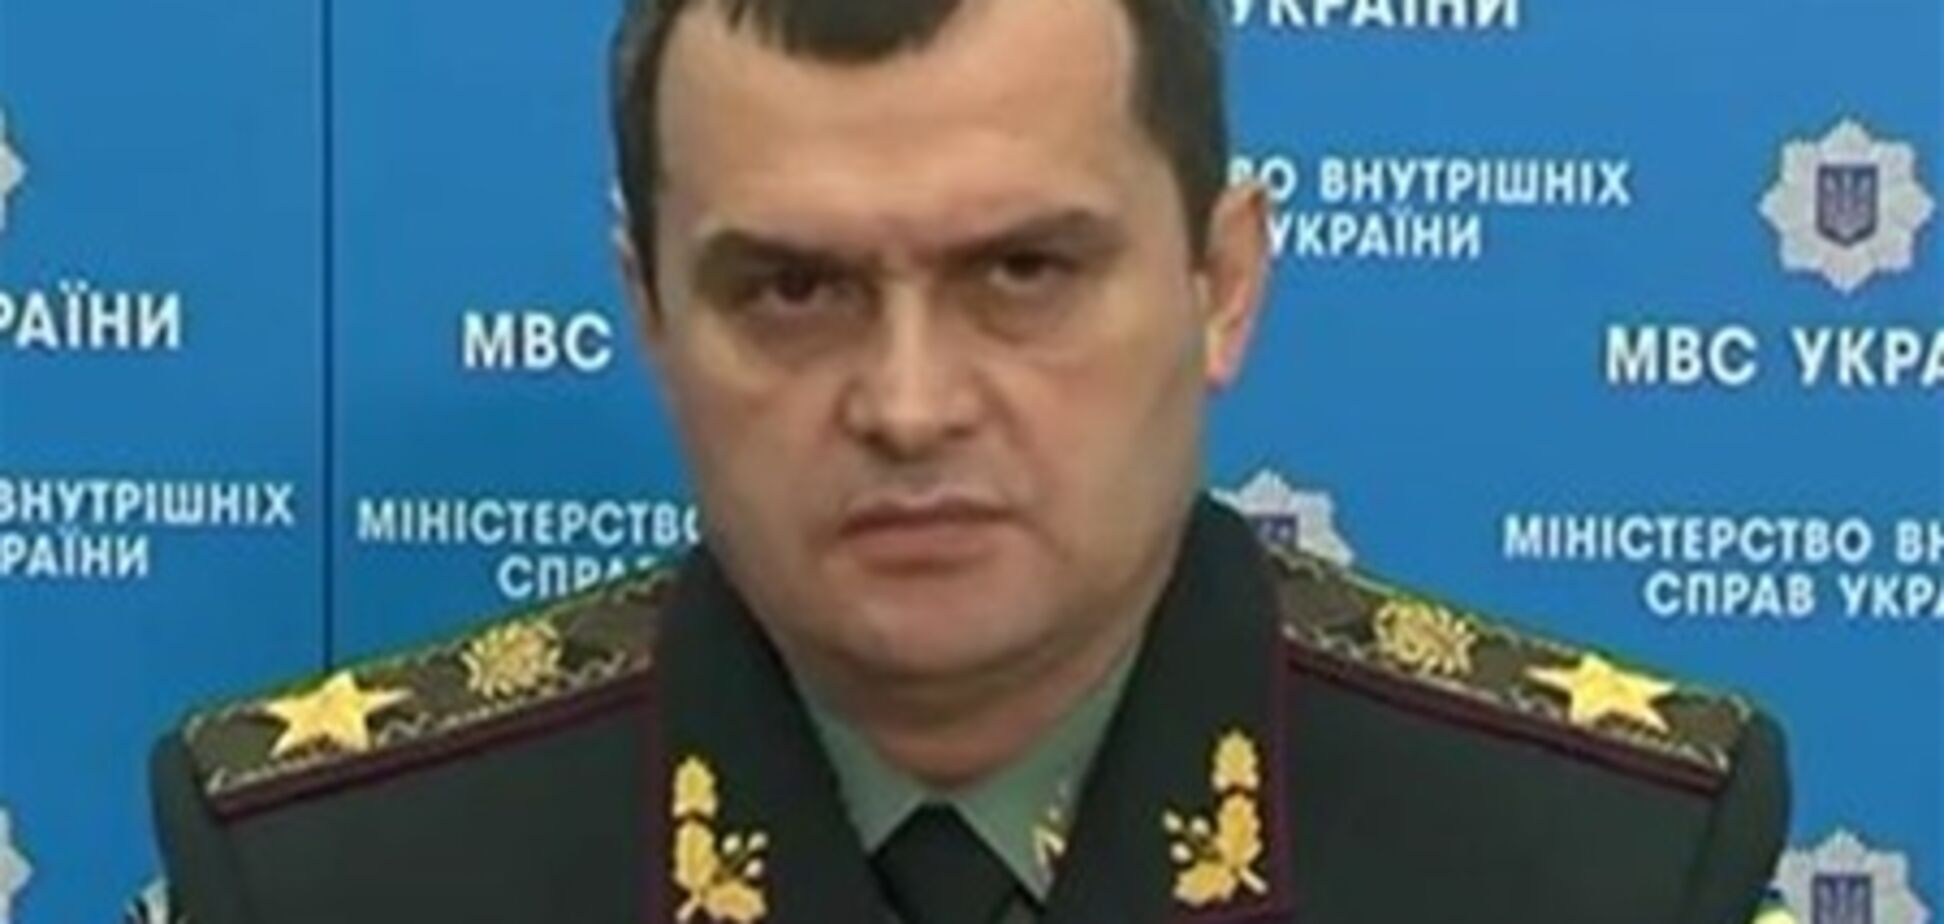 Захарченко особисто контролює миколаївське справу